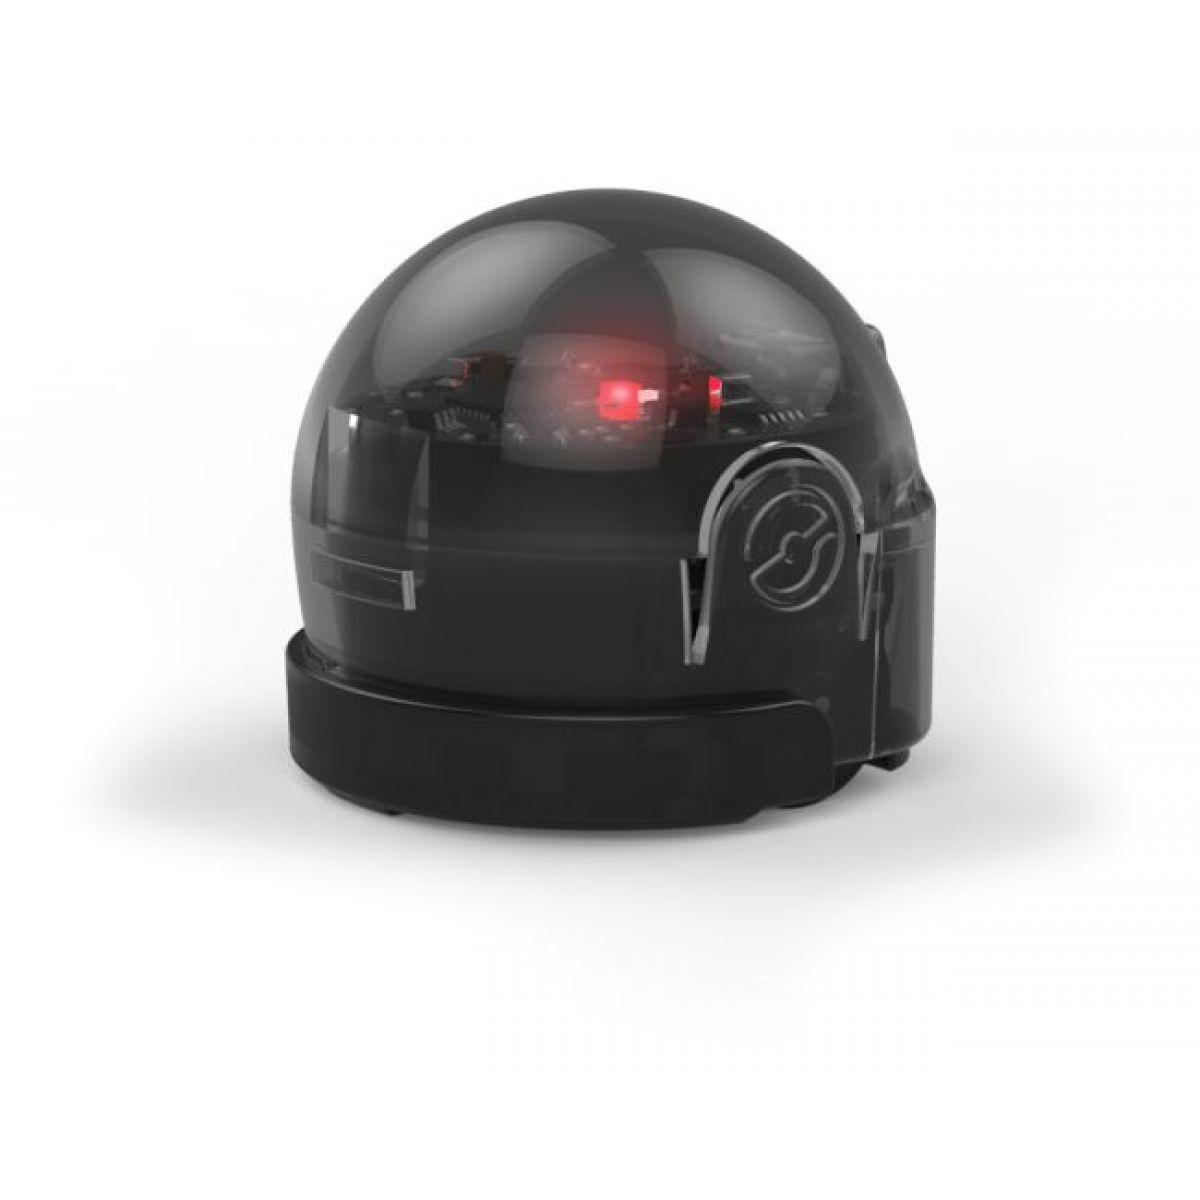 Ozobot 2.0 Bit inteligentný MINIBOT - titánovo čierny